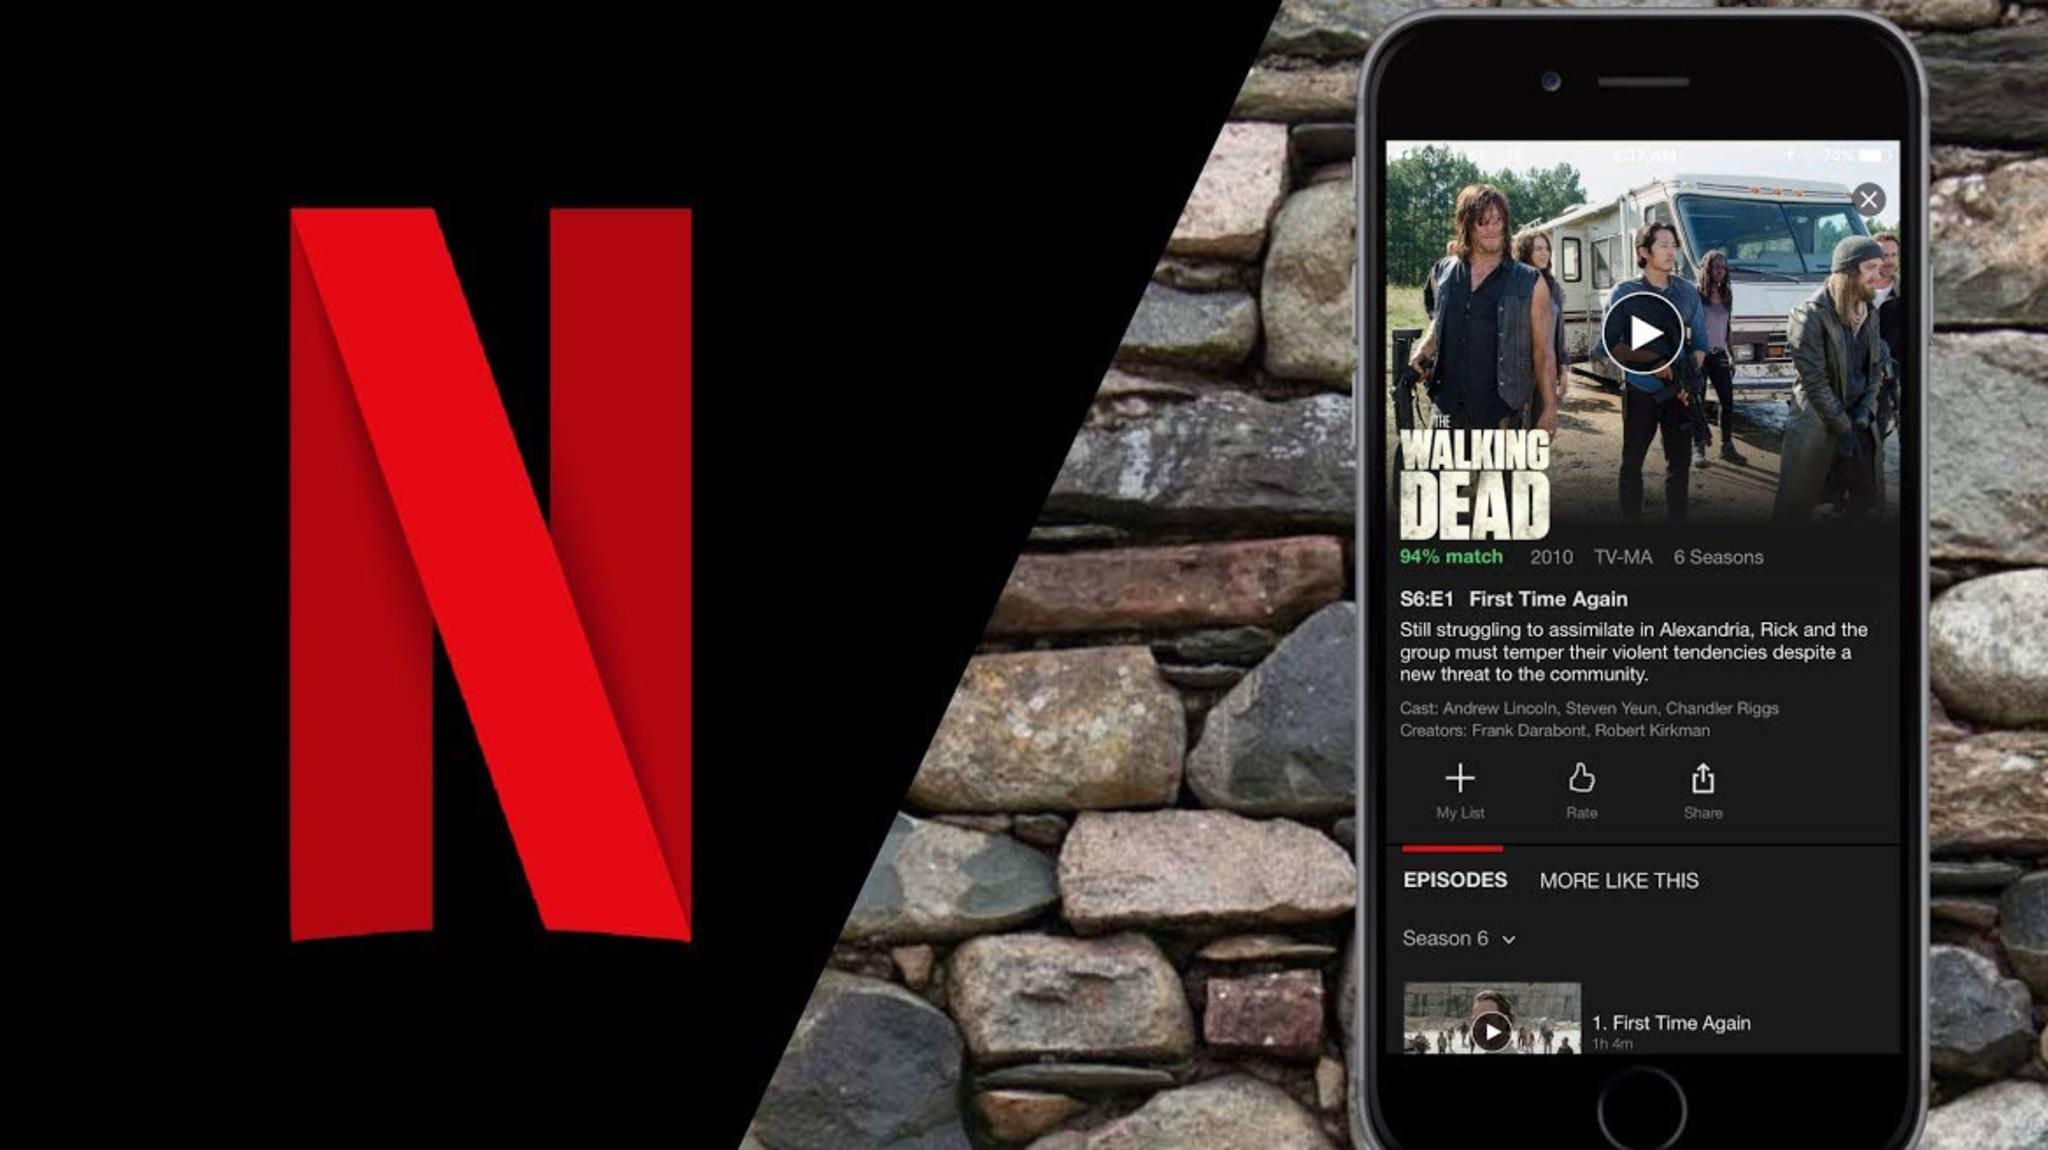 Ab sofort können Netflix-Abos nicht mehr direkt über Apple abgewickelt werden.